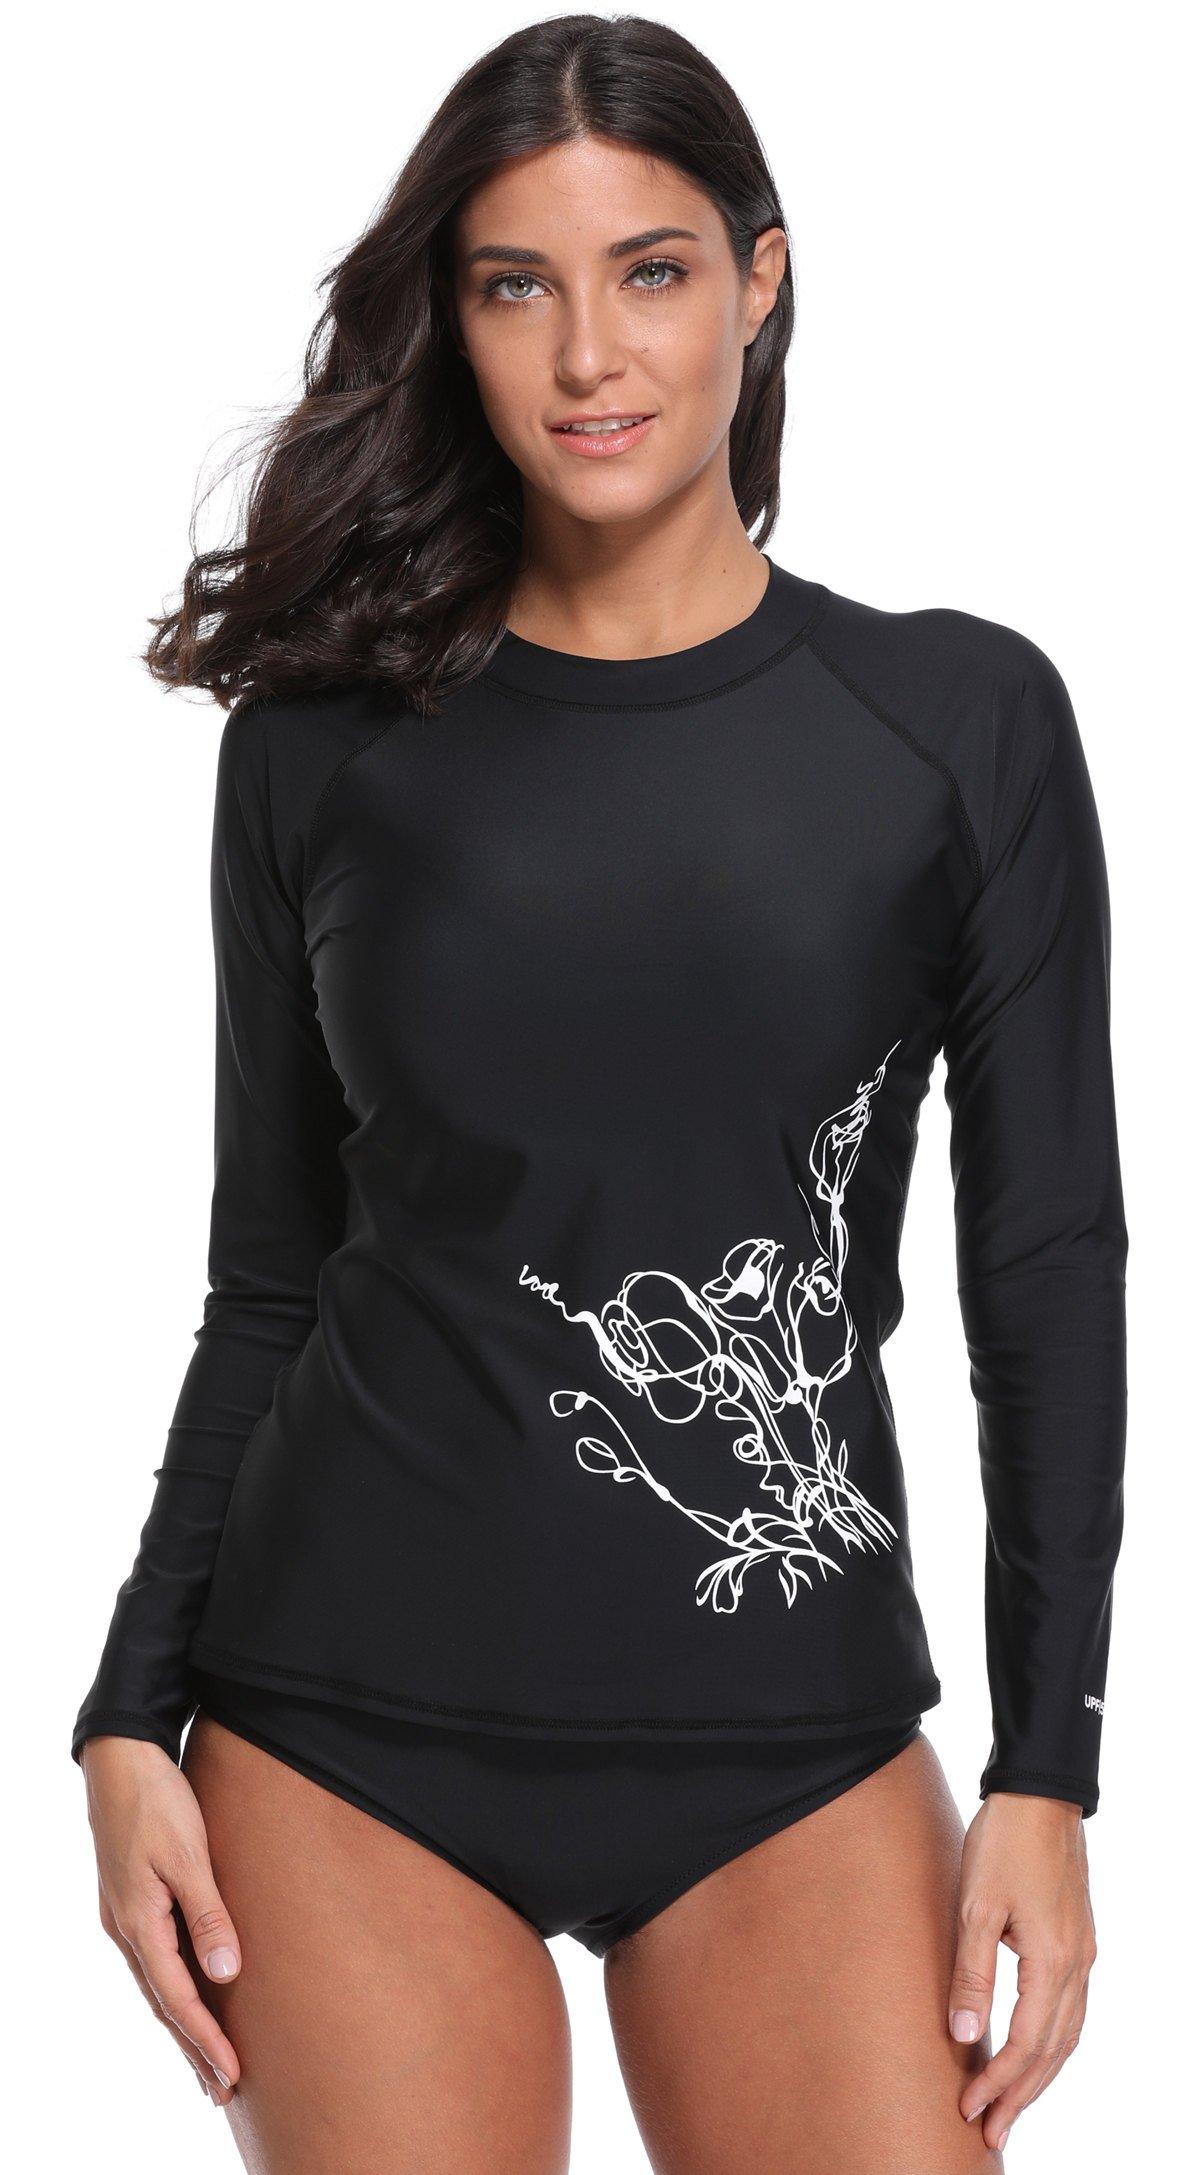 beautyin Women's Long-Sleeve Rashguard Shirt UPF 50+ Rash Guard Swimsuit Top by beautyin